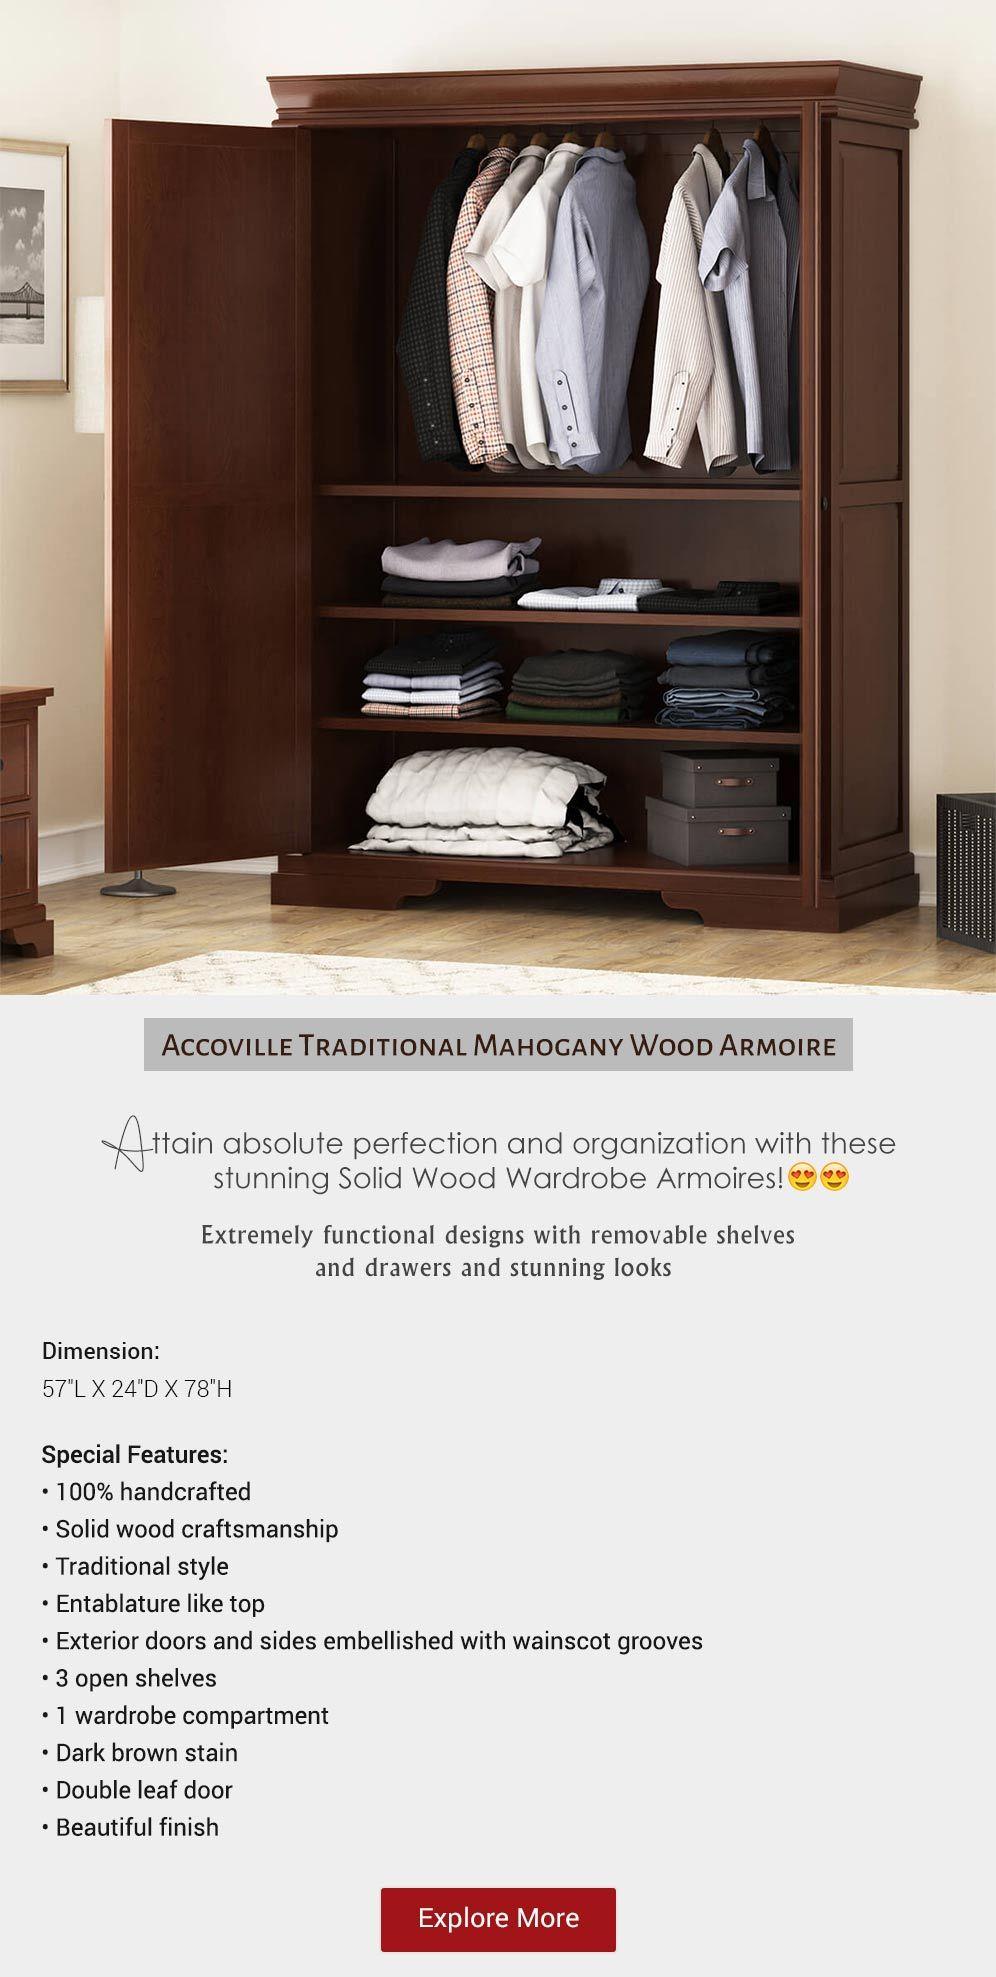 Handcrafted Bedroom Furniture Homedecor Decor